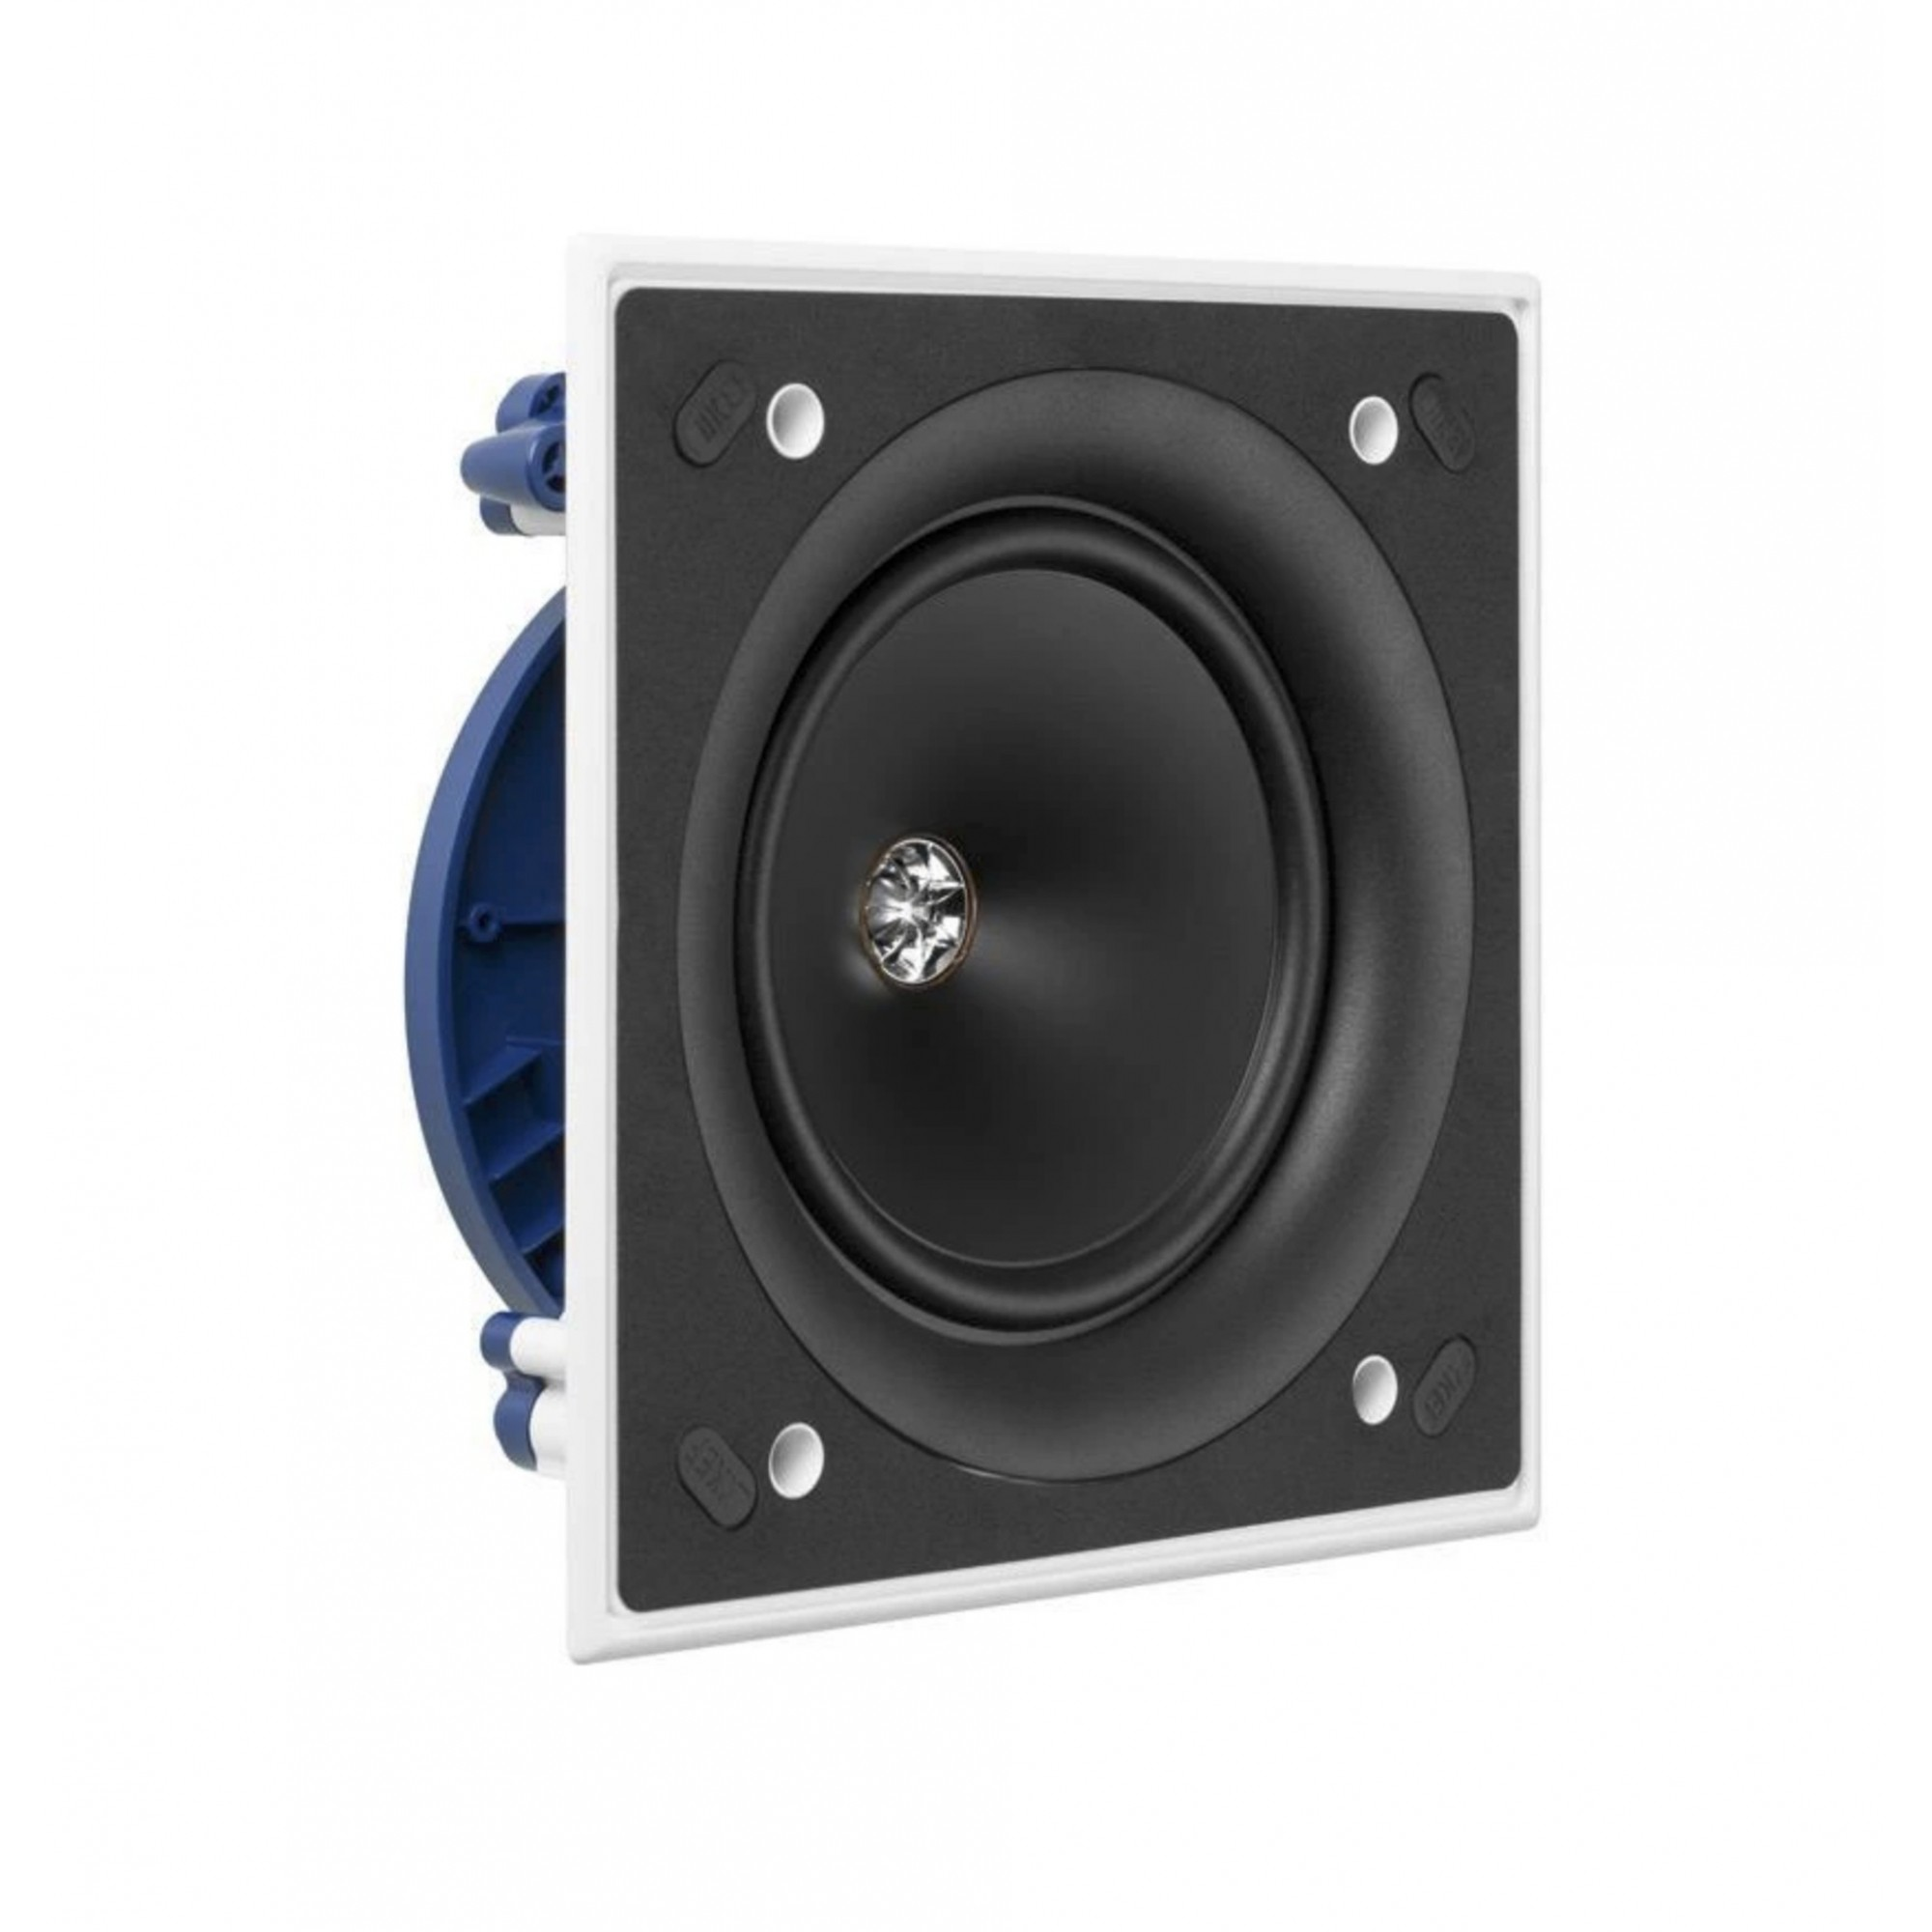 Kef Ci160.2cs Caixa Acústica De Embutir Quadrada Slim